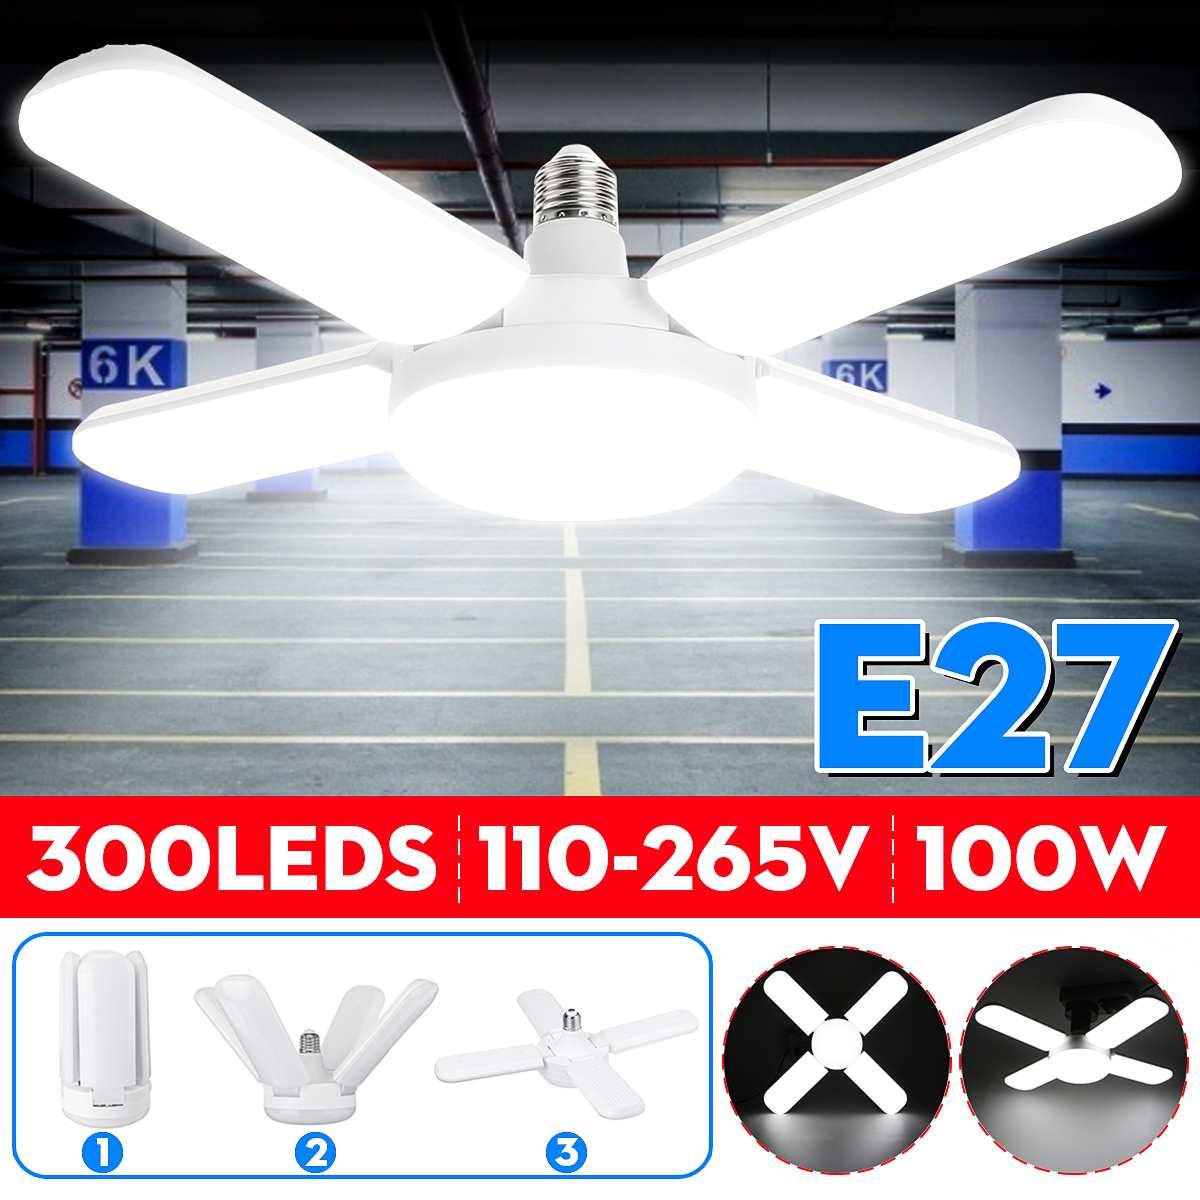 100W LED Garage Lights Foldable E27 Bulb 4 Adjustable Fan Blades Deformable Workshop Warehouse Ceiling Lighting 6500K AC110-265V